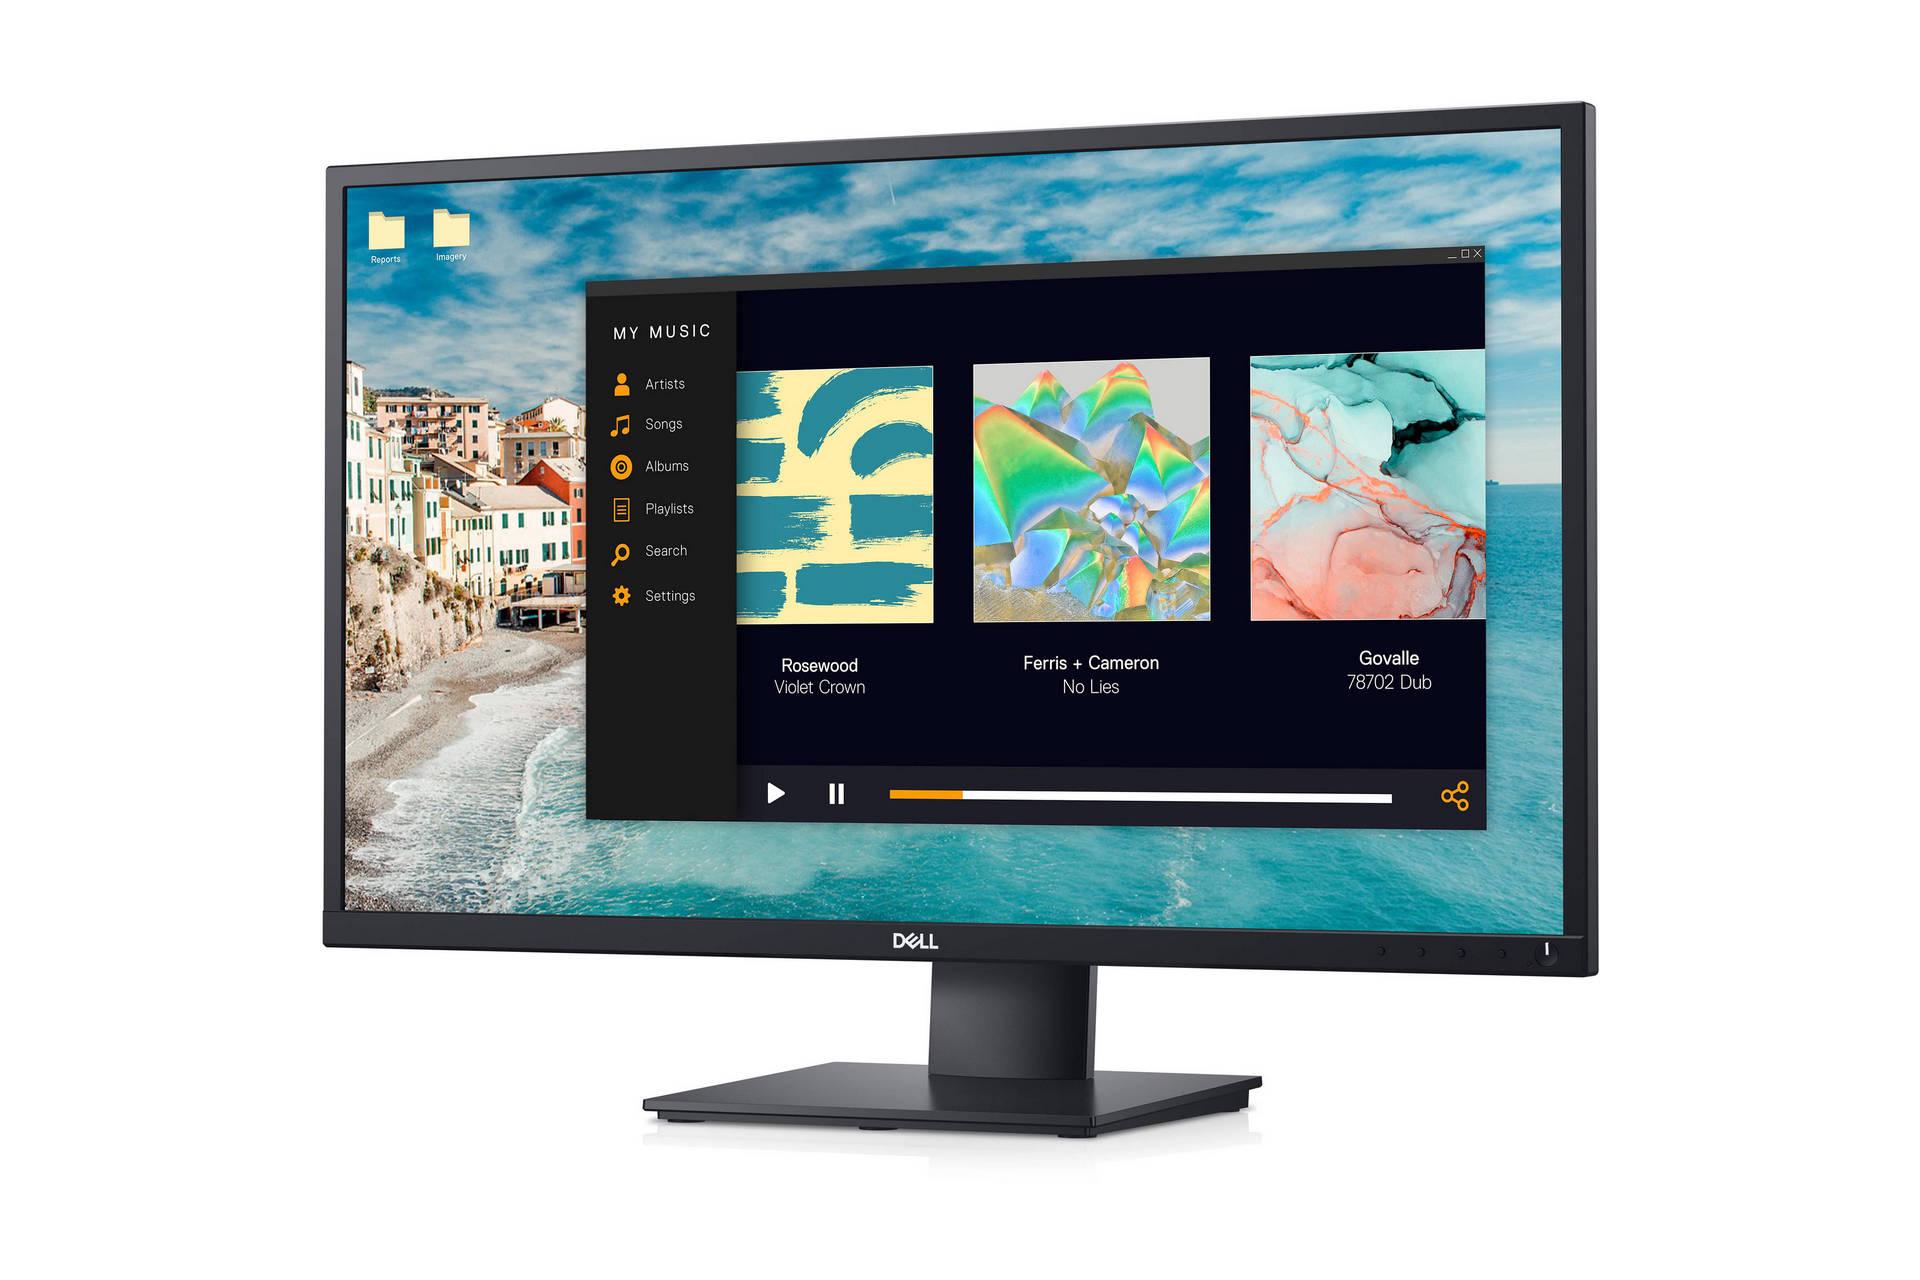 Trình quản lý màn hình Dell được cải tiến